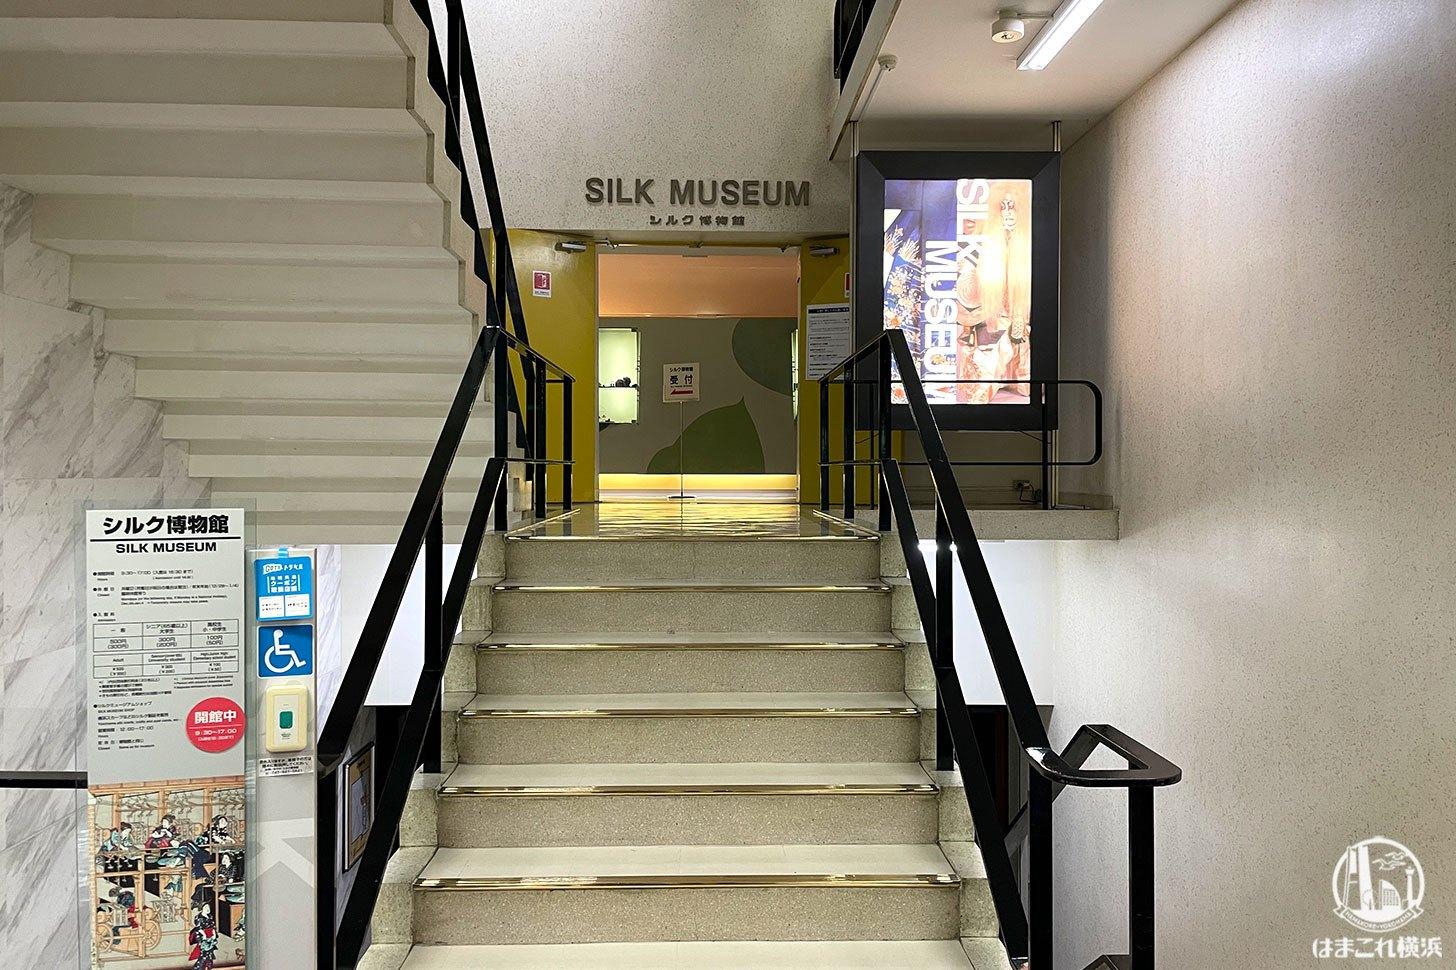 シルク博物館 駐車場側の入口